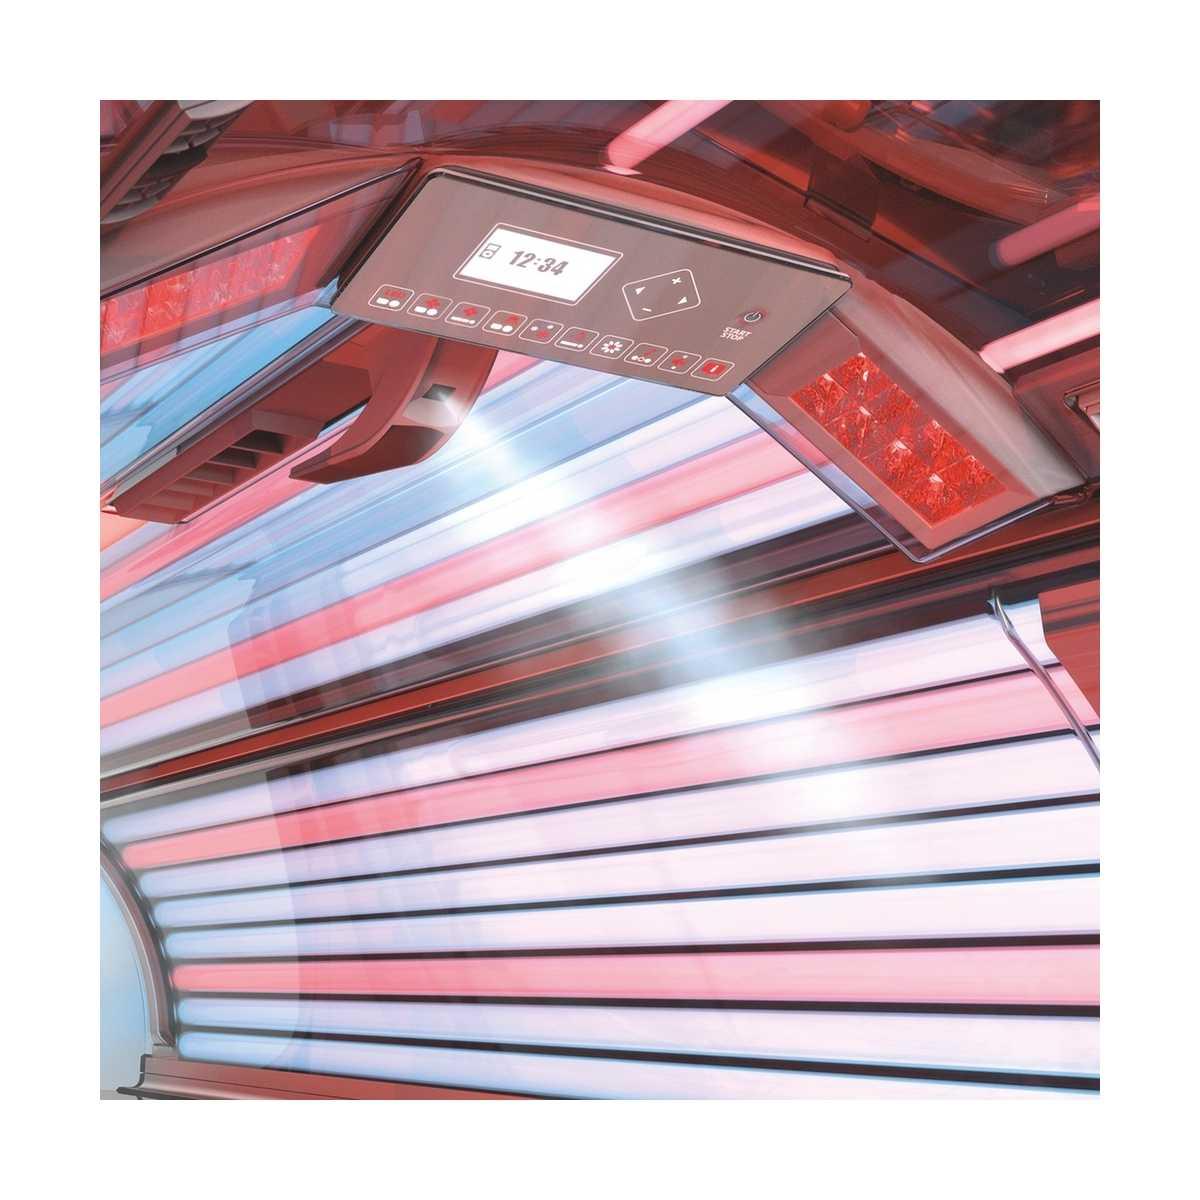 Ergoline Prestige 1600 Ergoline